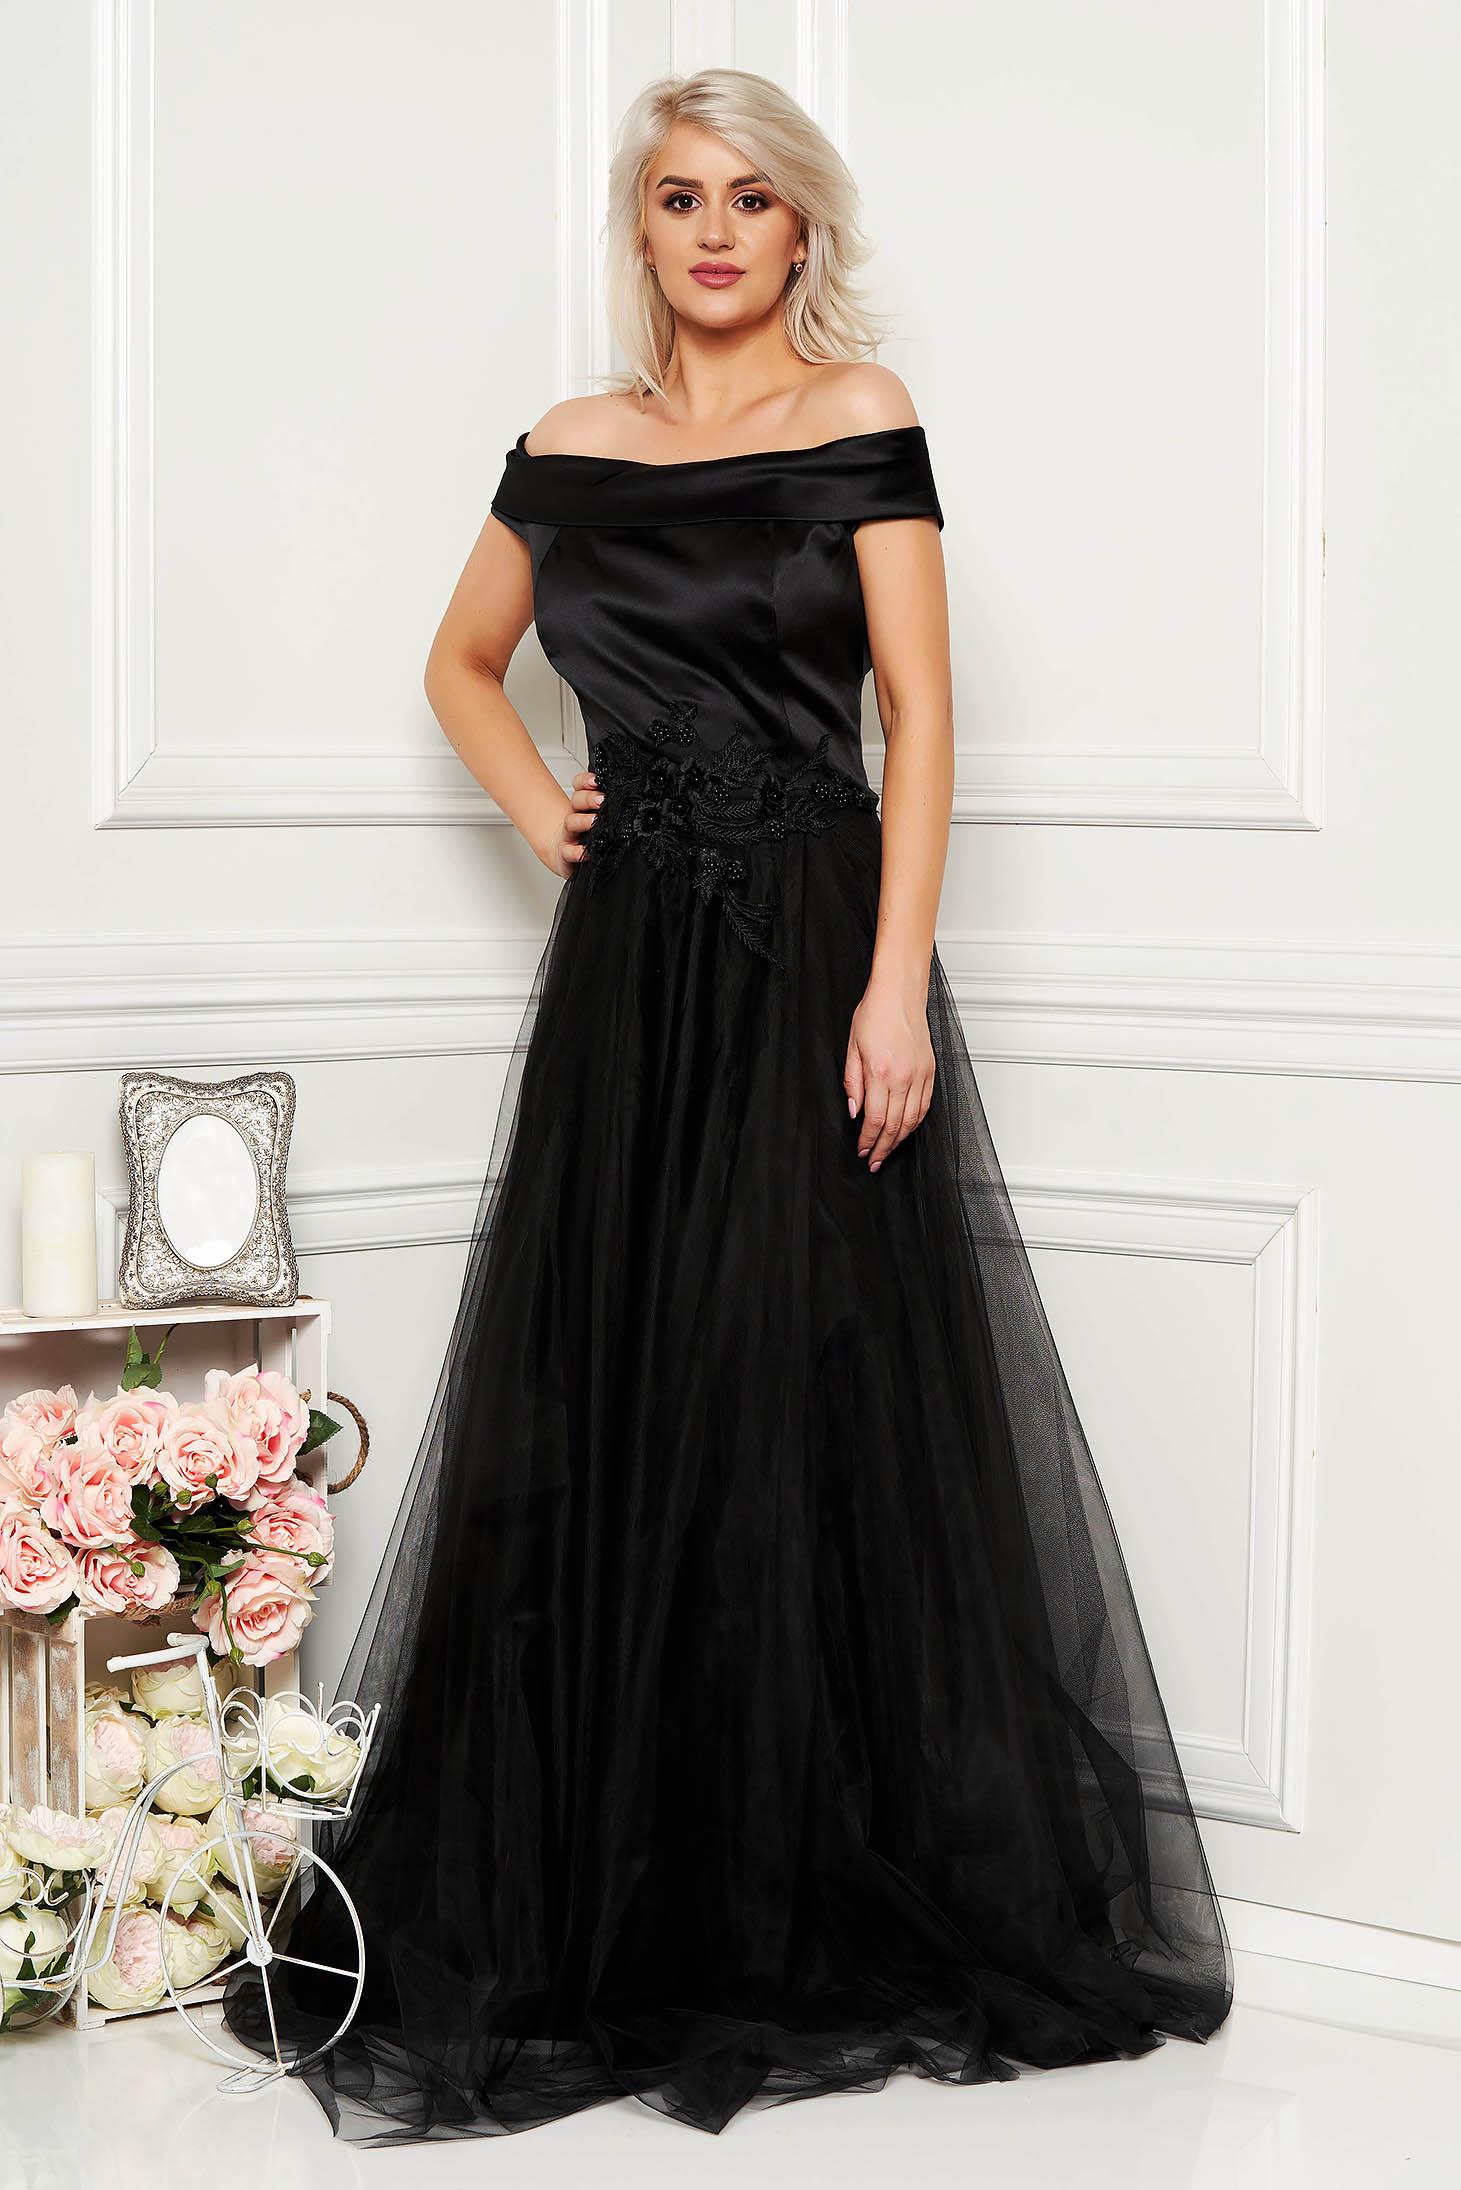 af45769dd1 Fekete Artista alkalmi ruha tüll és szatén anyagból csipke és gyöngy  díszítéssel és béléssel